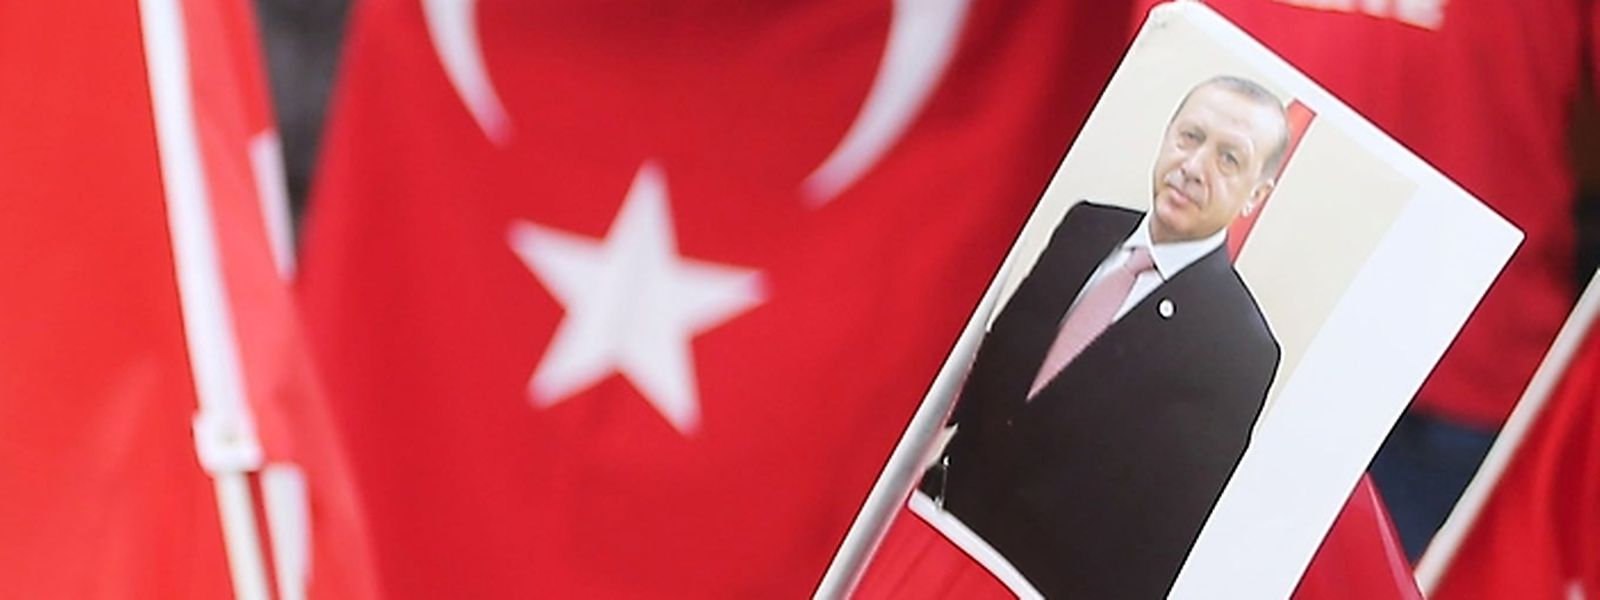 Der gescheiterte Putsch hat die Kreditwürdigkeit der Türkei nicht gerade verbessert.